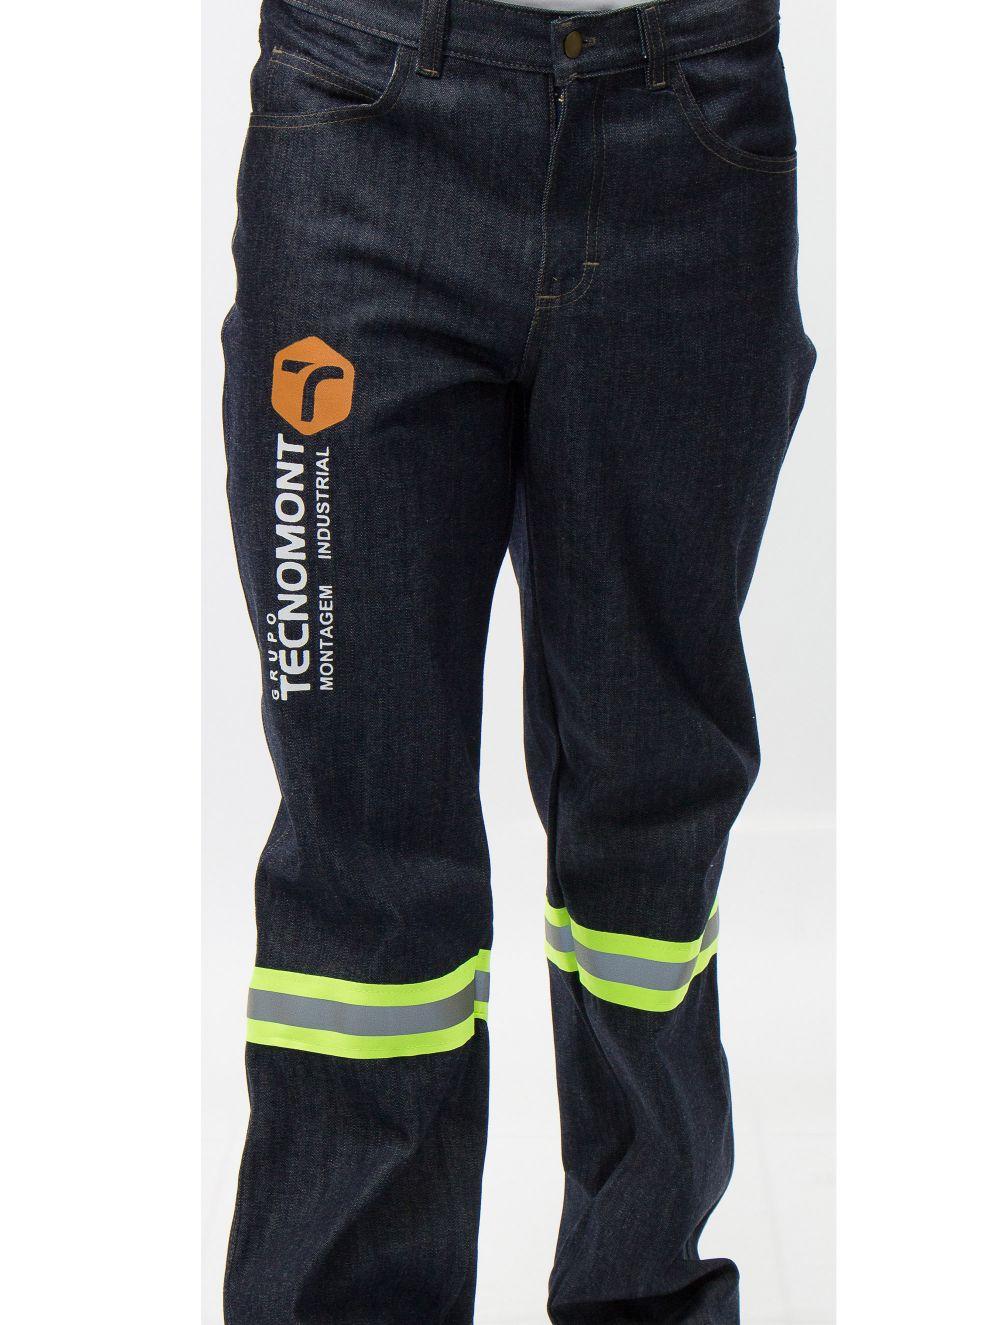 Calça operacional em Jeans com refletiva